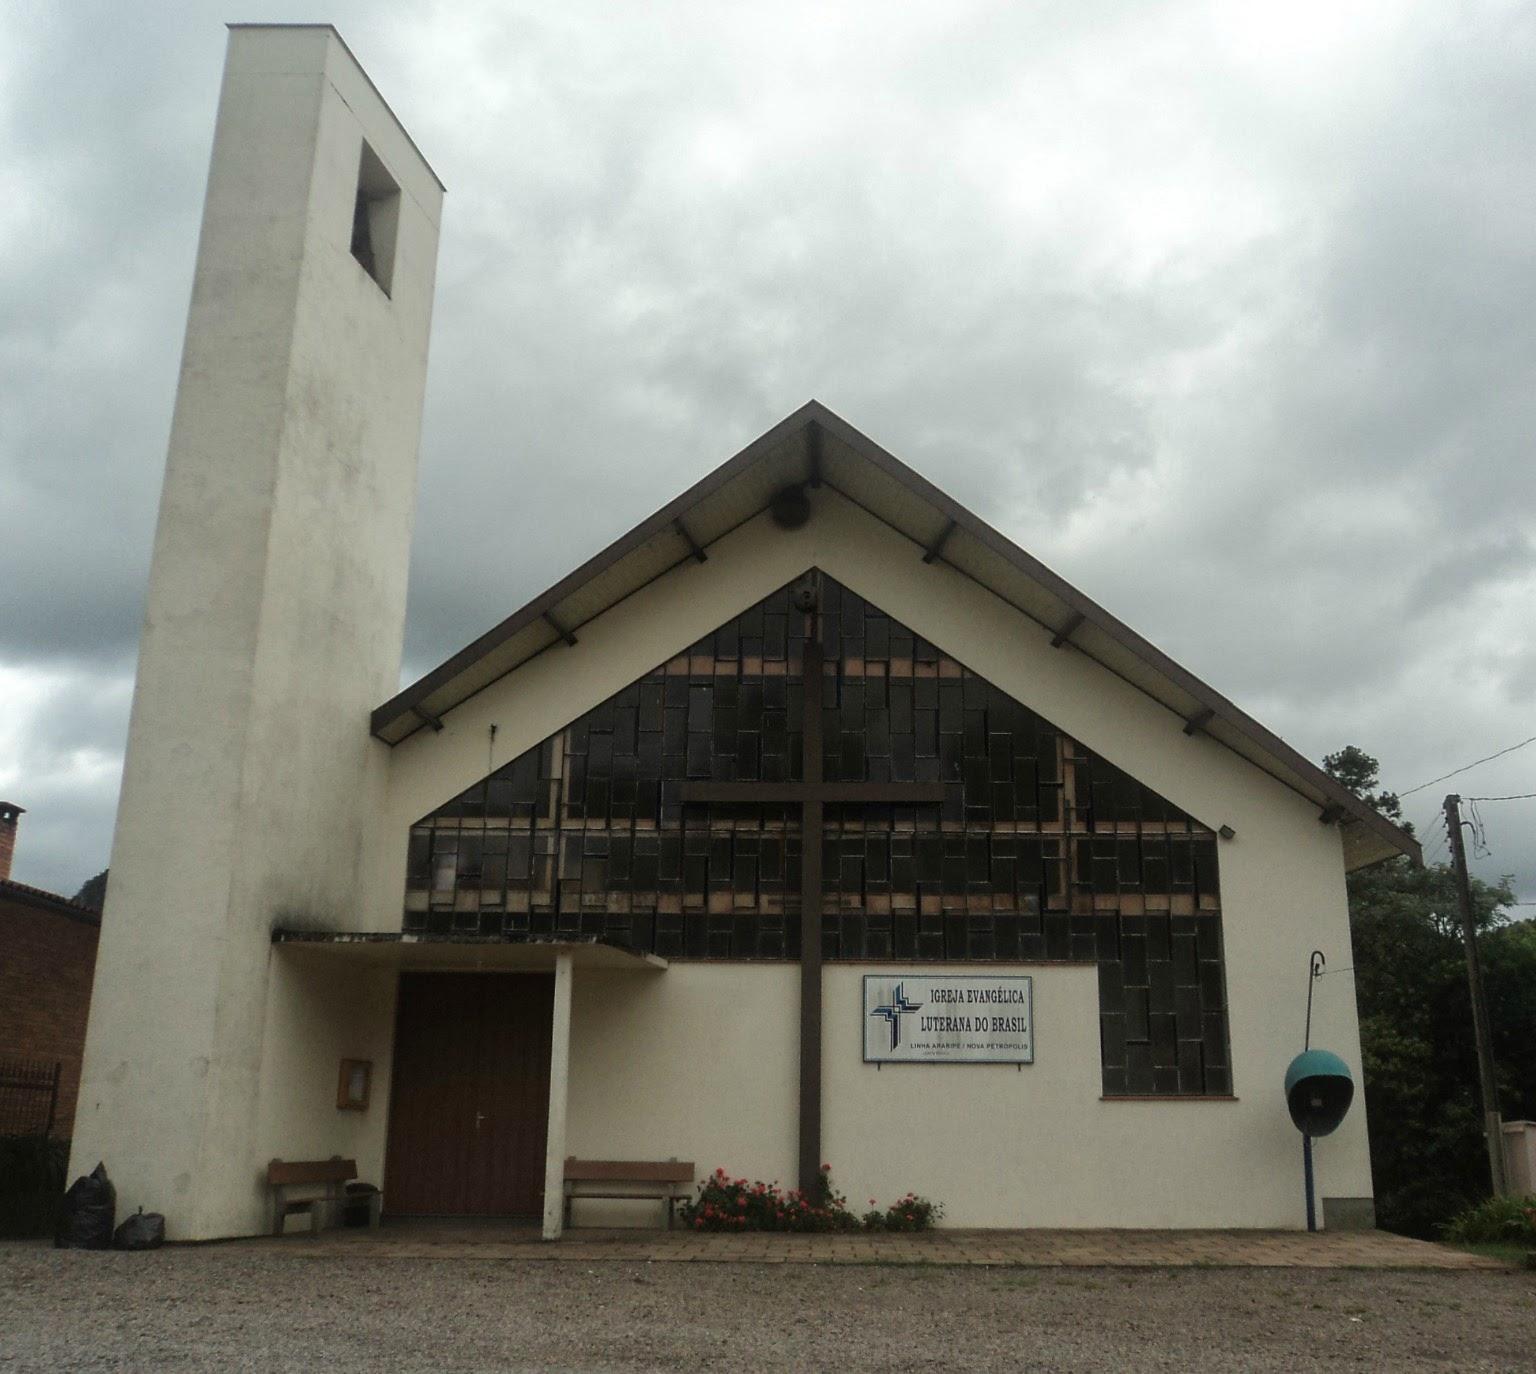 Igreja da Confissão Luterana Próxima à Hospedaria Varsóvia, em Gramado (RS)